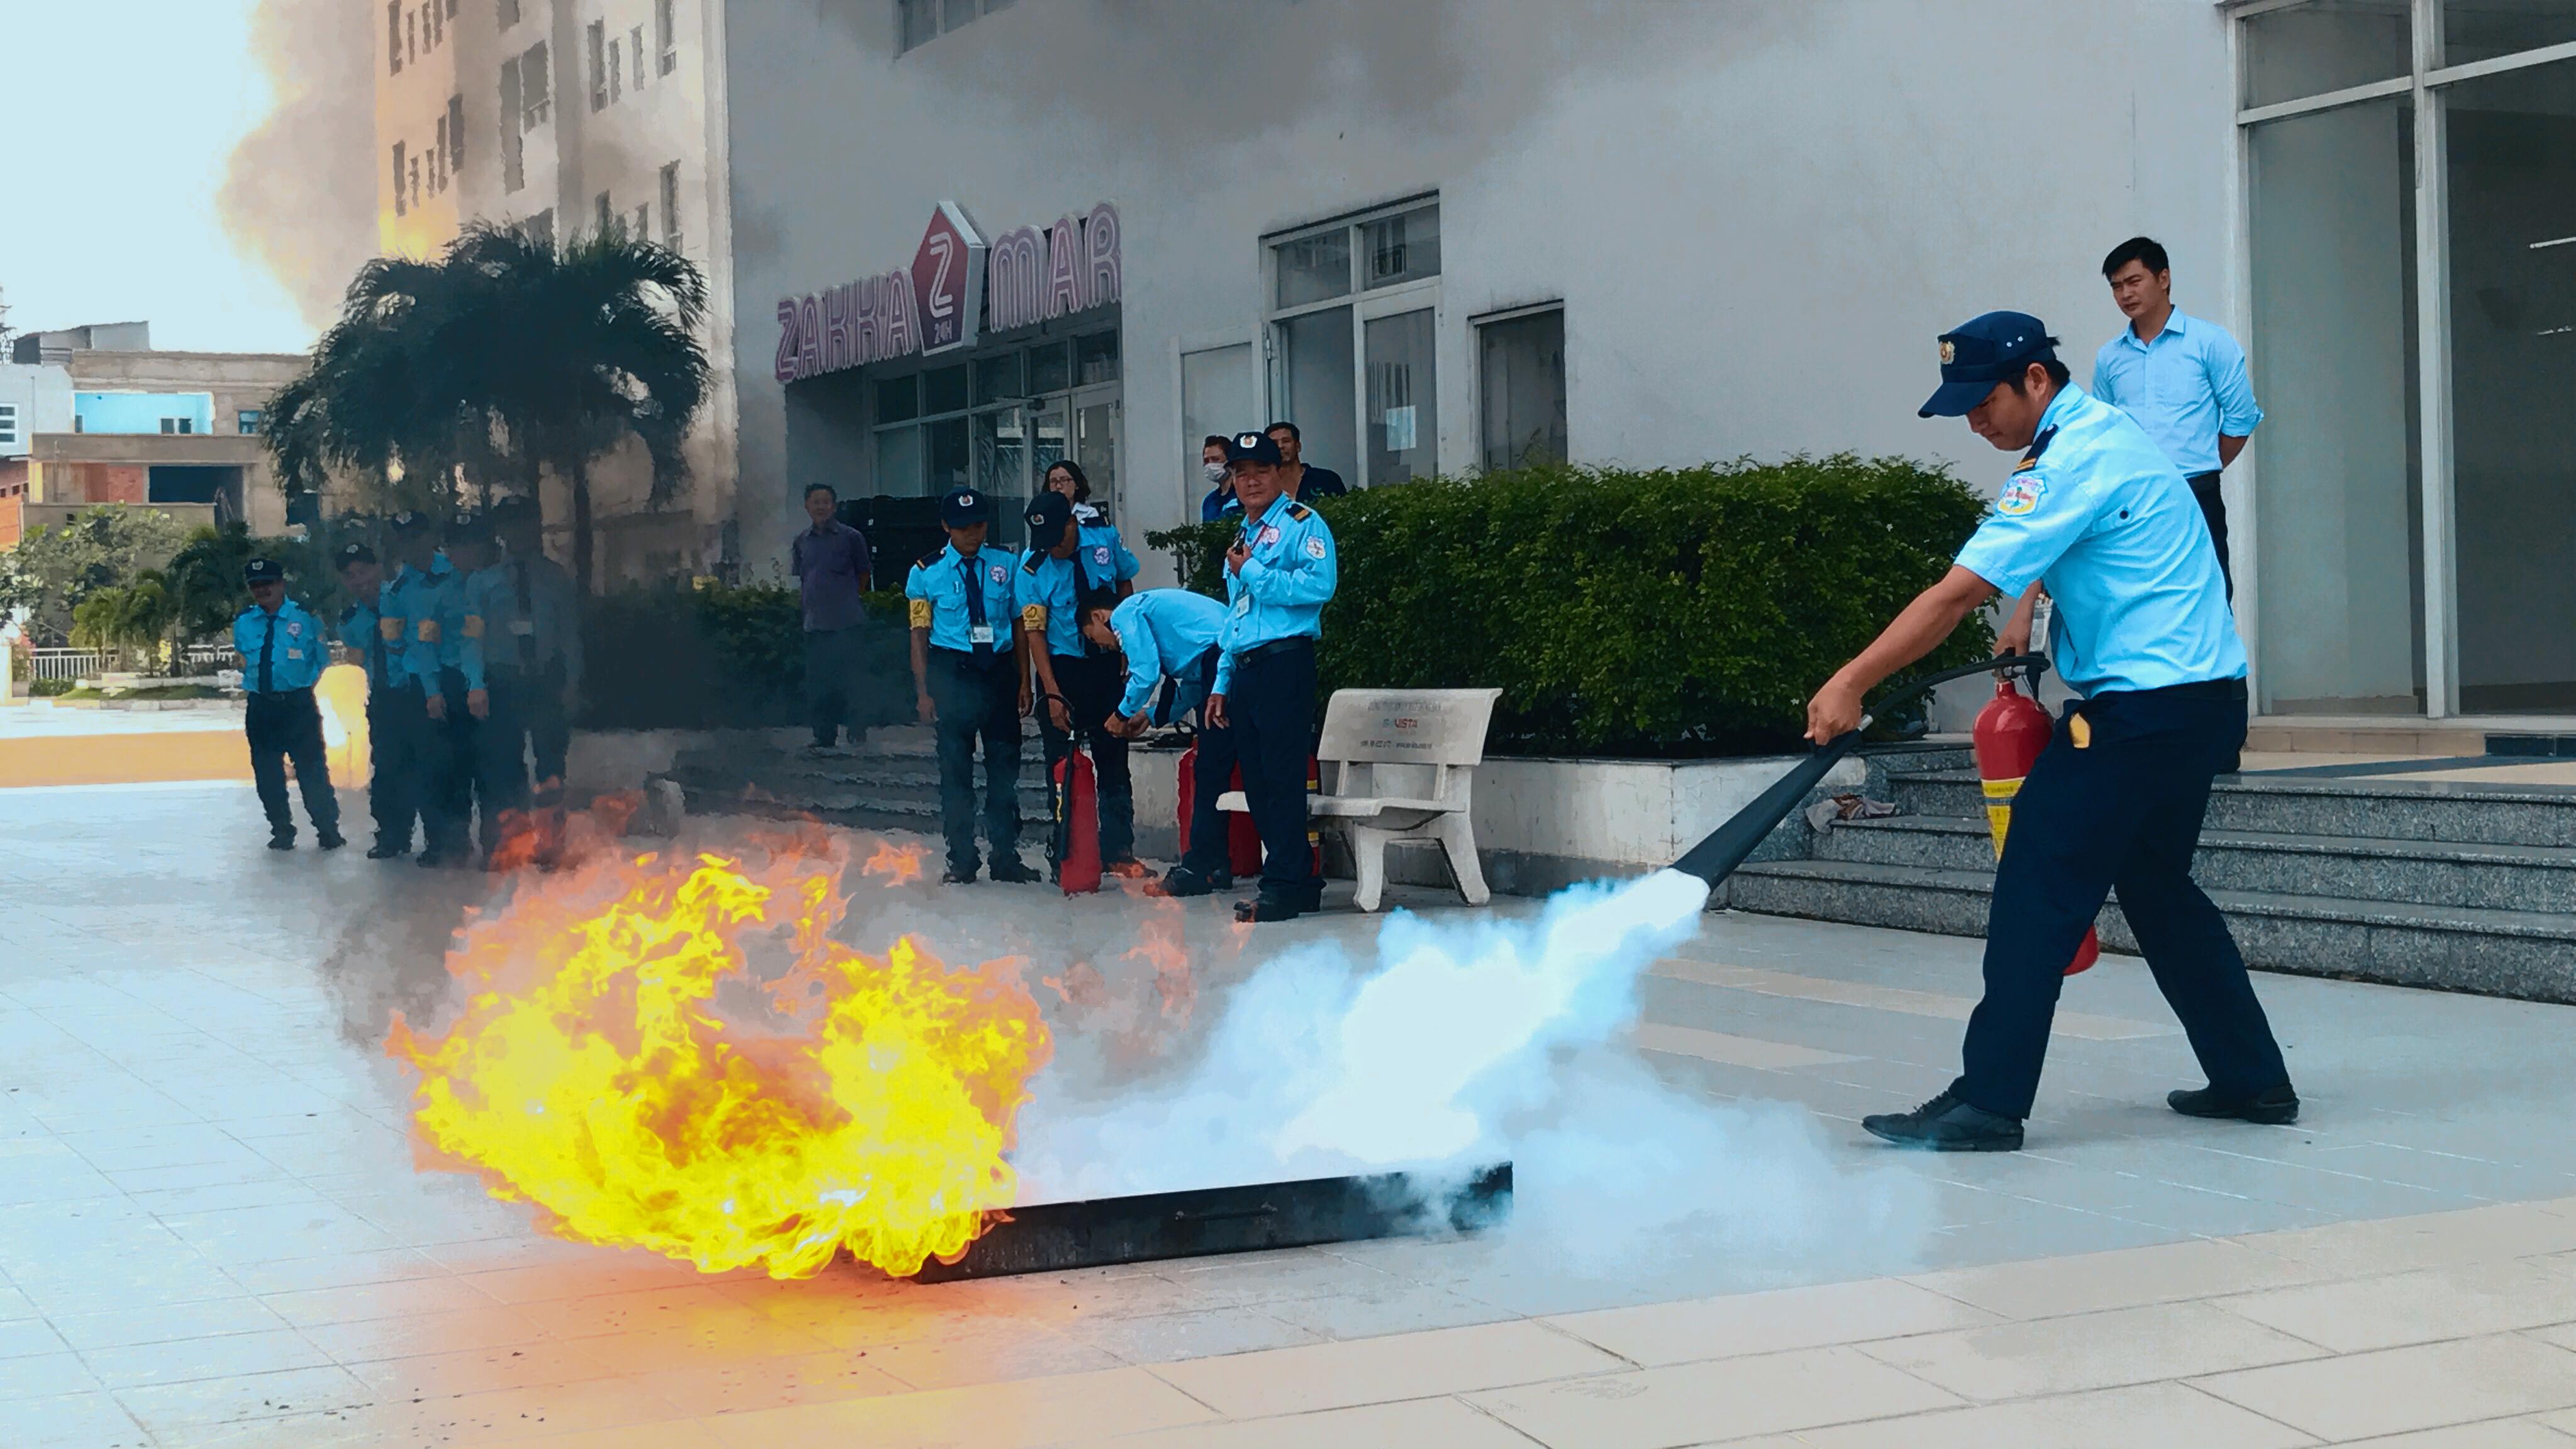 Có nghiệp vụ phòng chống cháy nổ